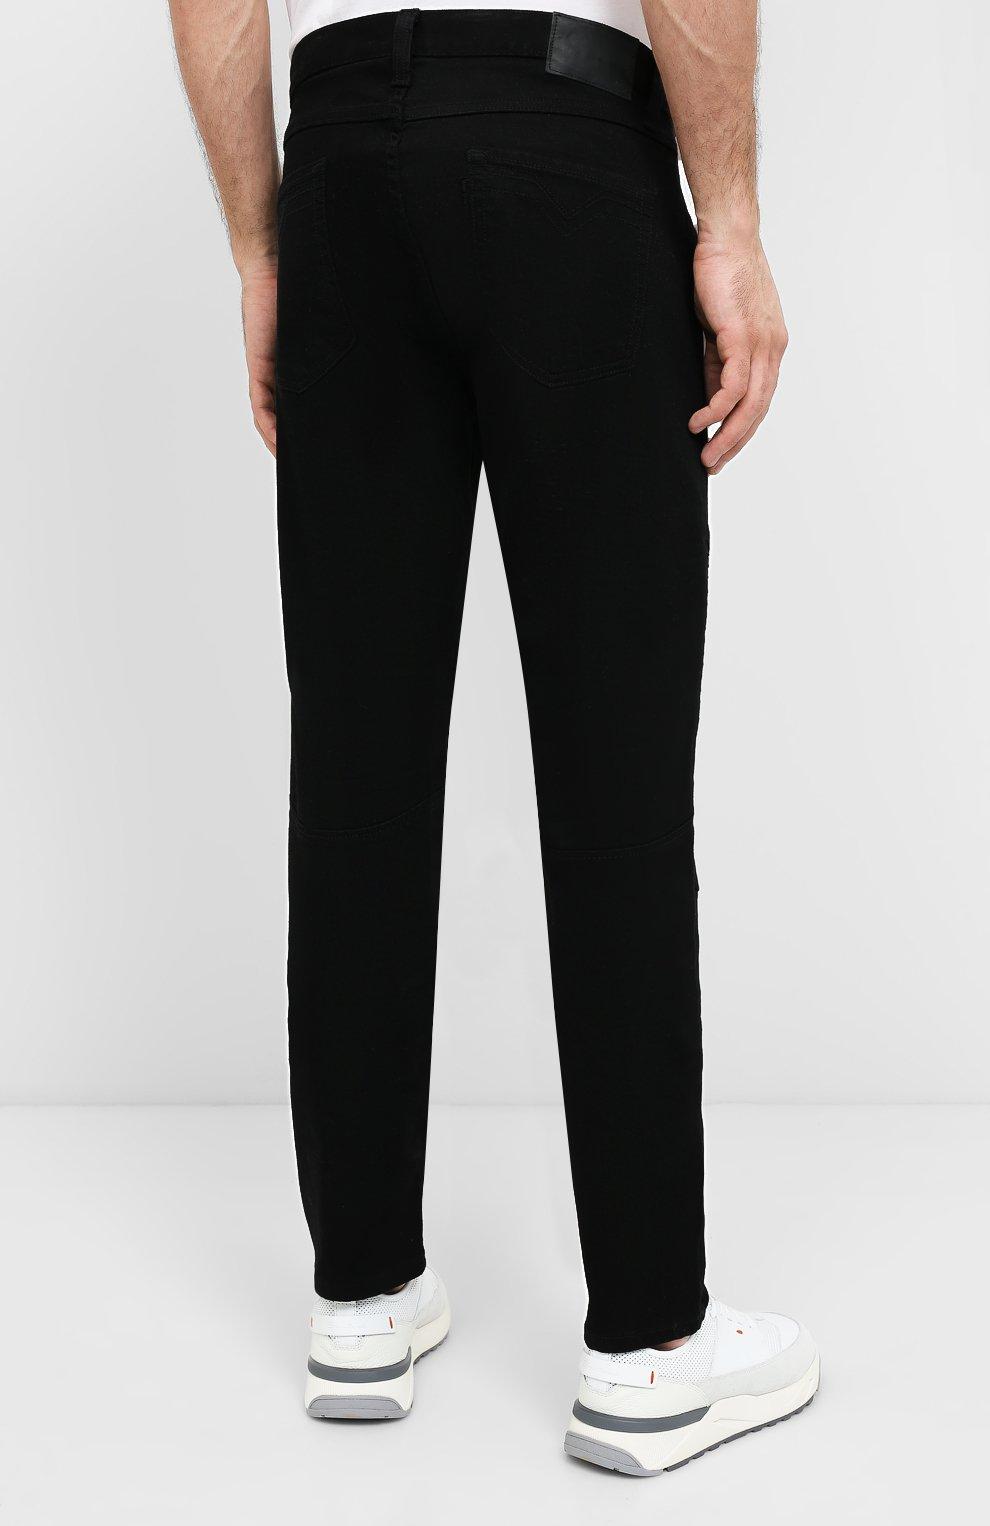 Мужские джинсы black label HARLEY-DAVIDSON черного цвета, арт. 96045-15VM   Фото 4